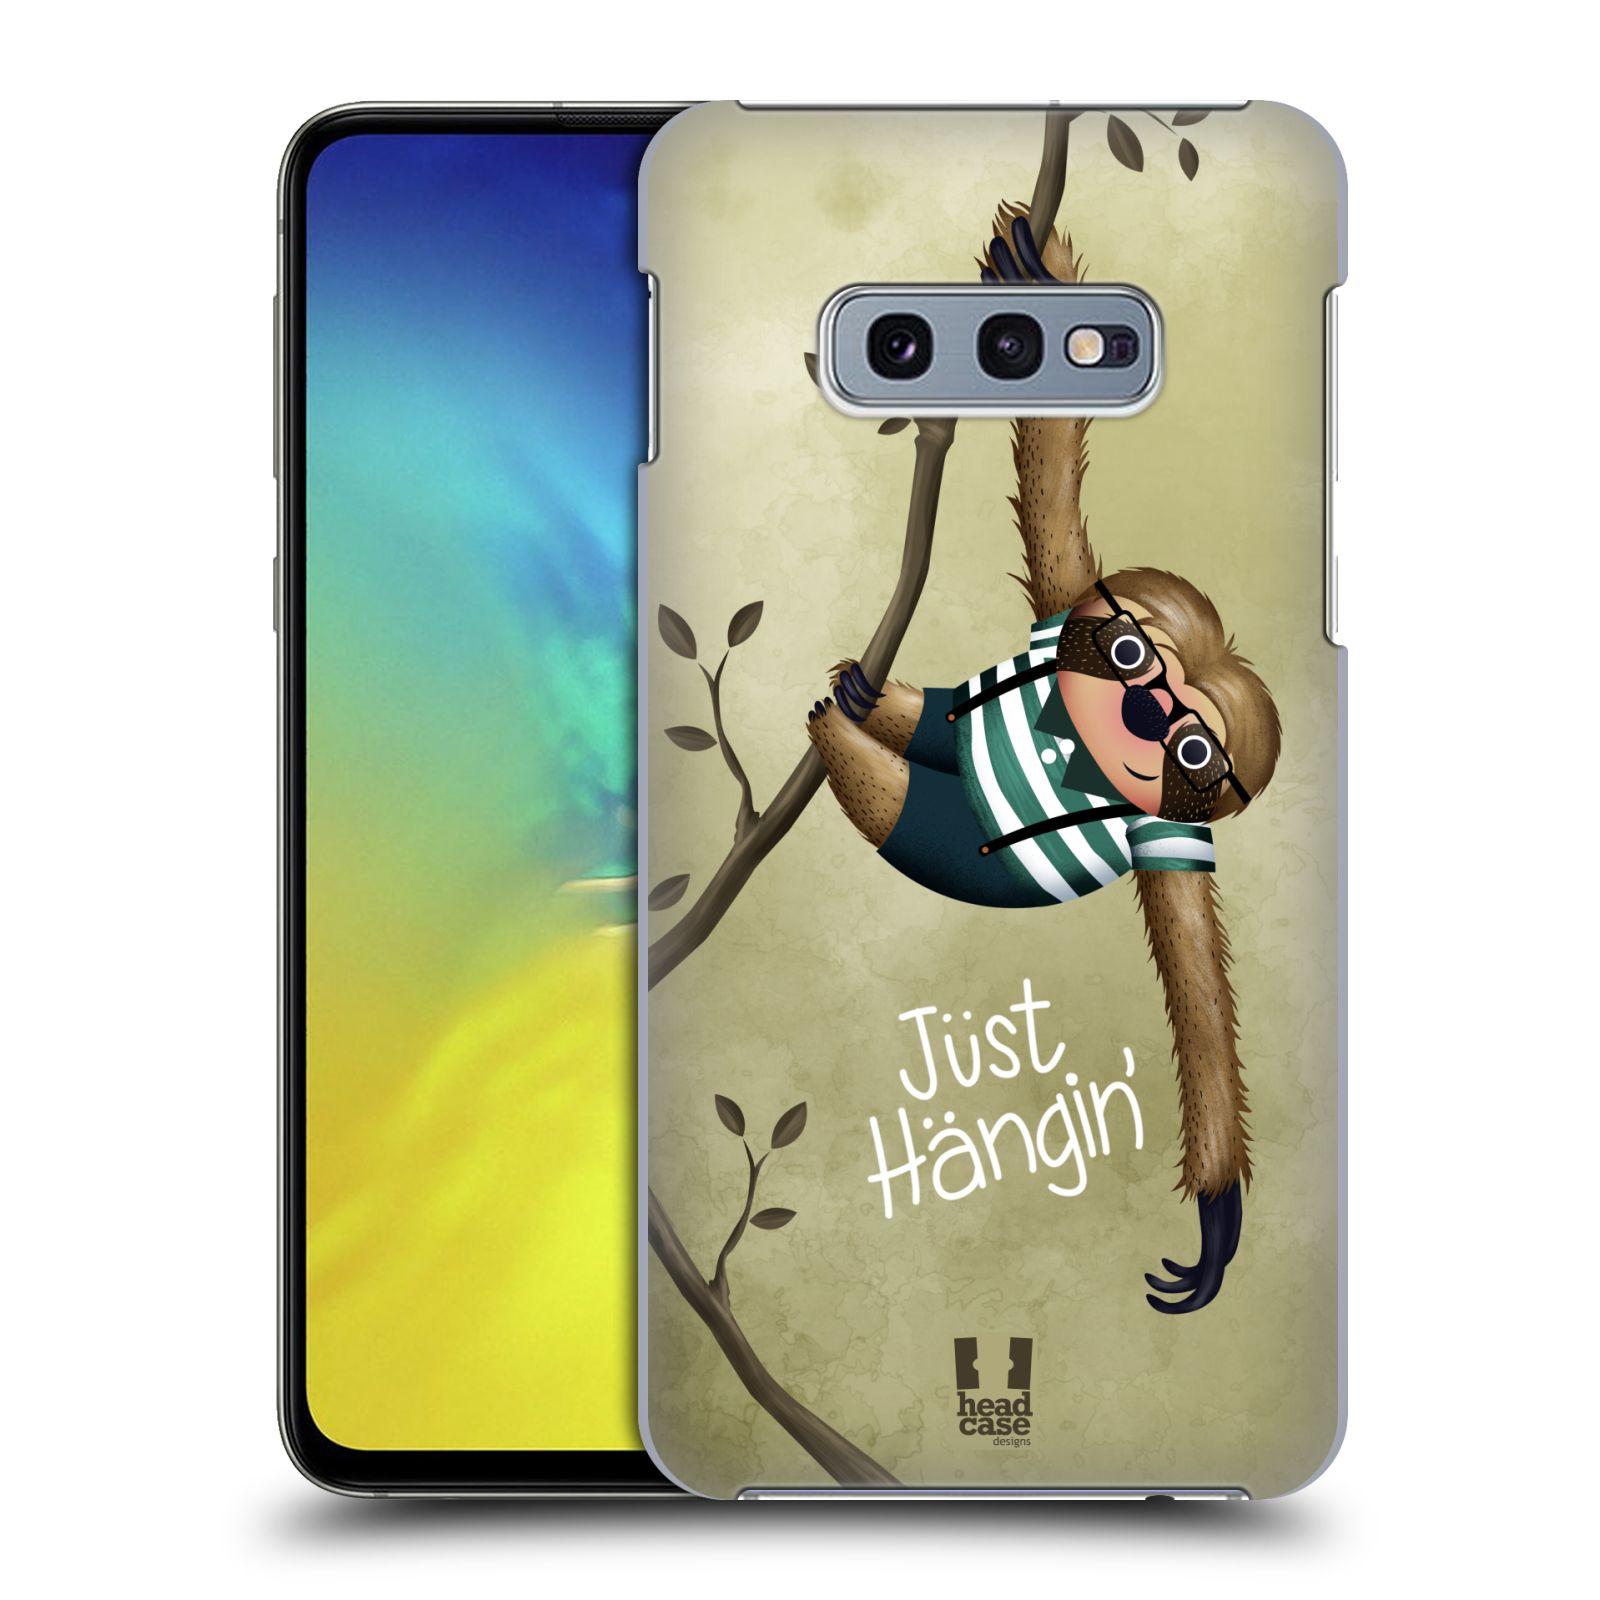 Plastové pouzdro na mobil Samsung Galaxy S10e - Head Case - Lenochod Just Hangin